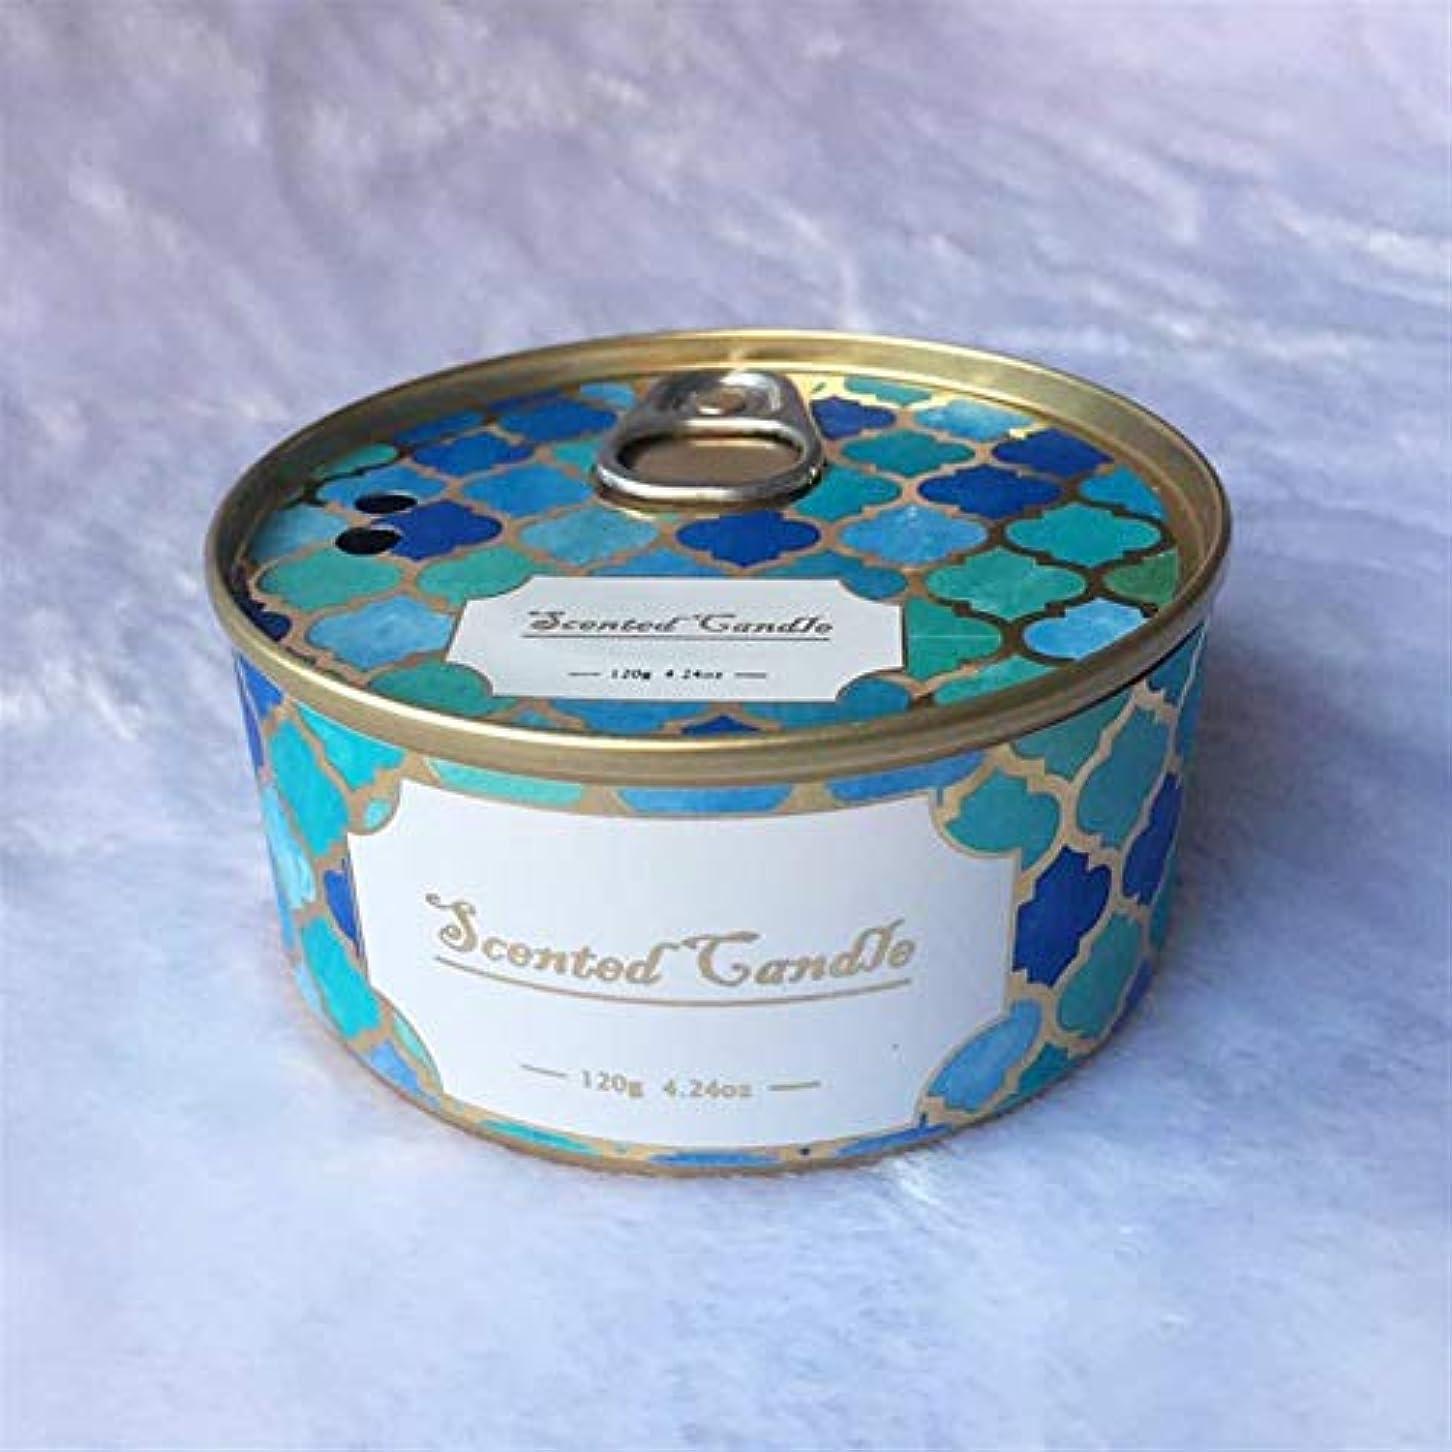 マダム症候群うんざりZtian ブリキ缶植物エッセンシャルオイルハイエンドギフト大豆ワックスモスオーキッド香りのキャンドル (色 : Moss)